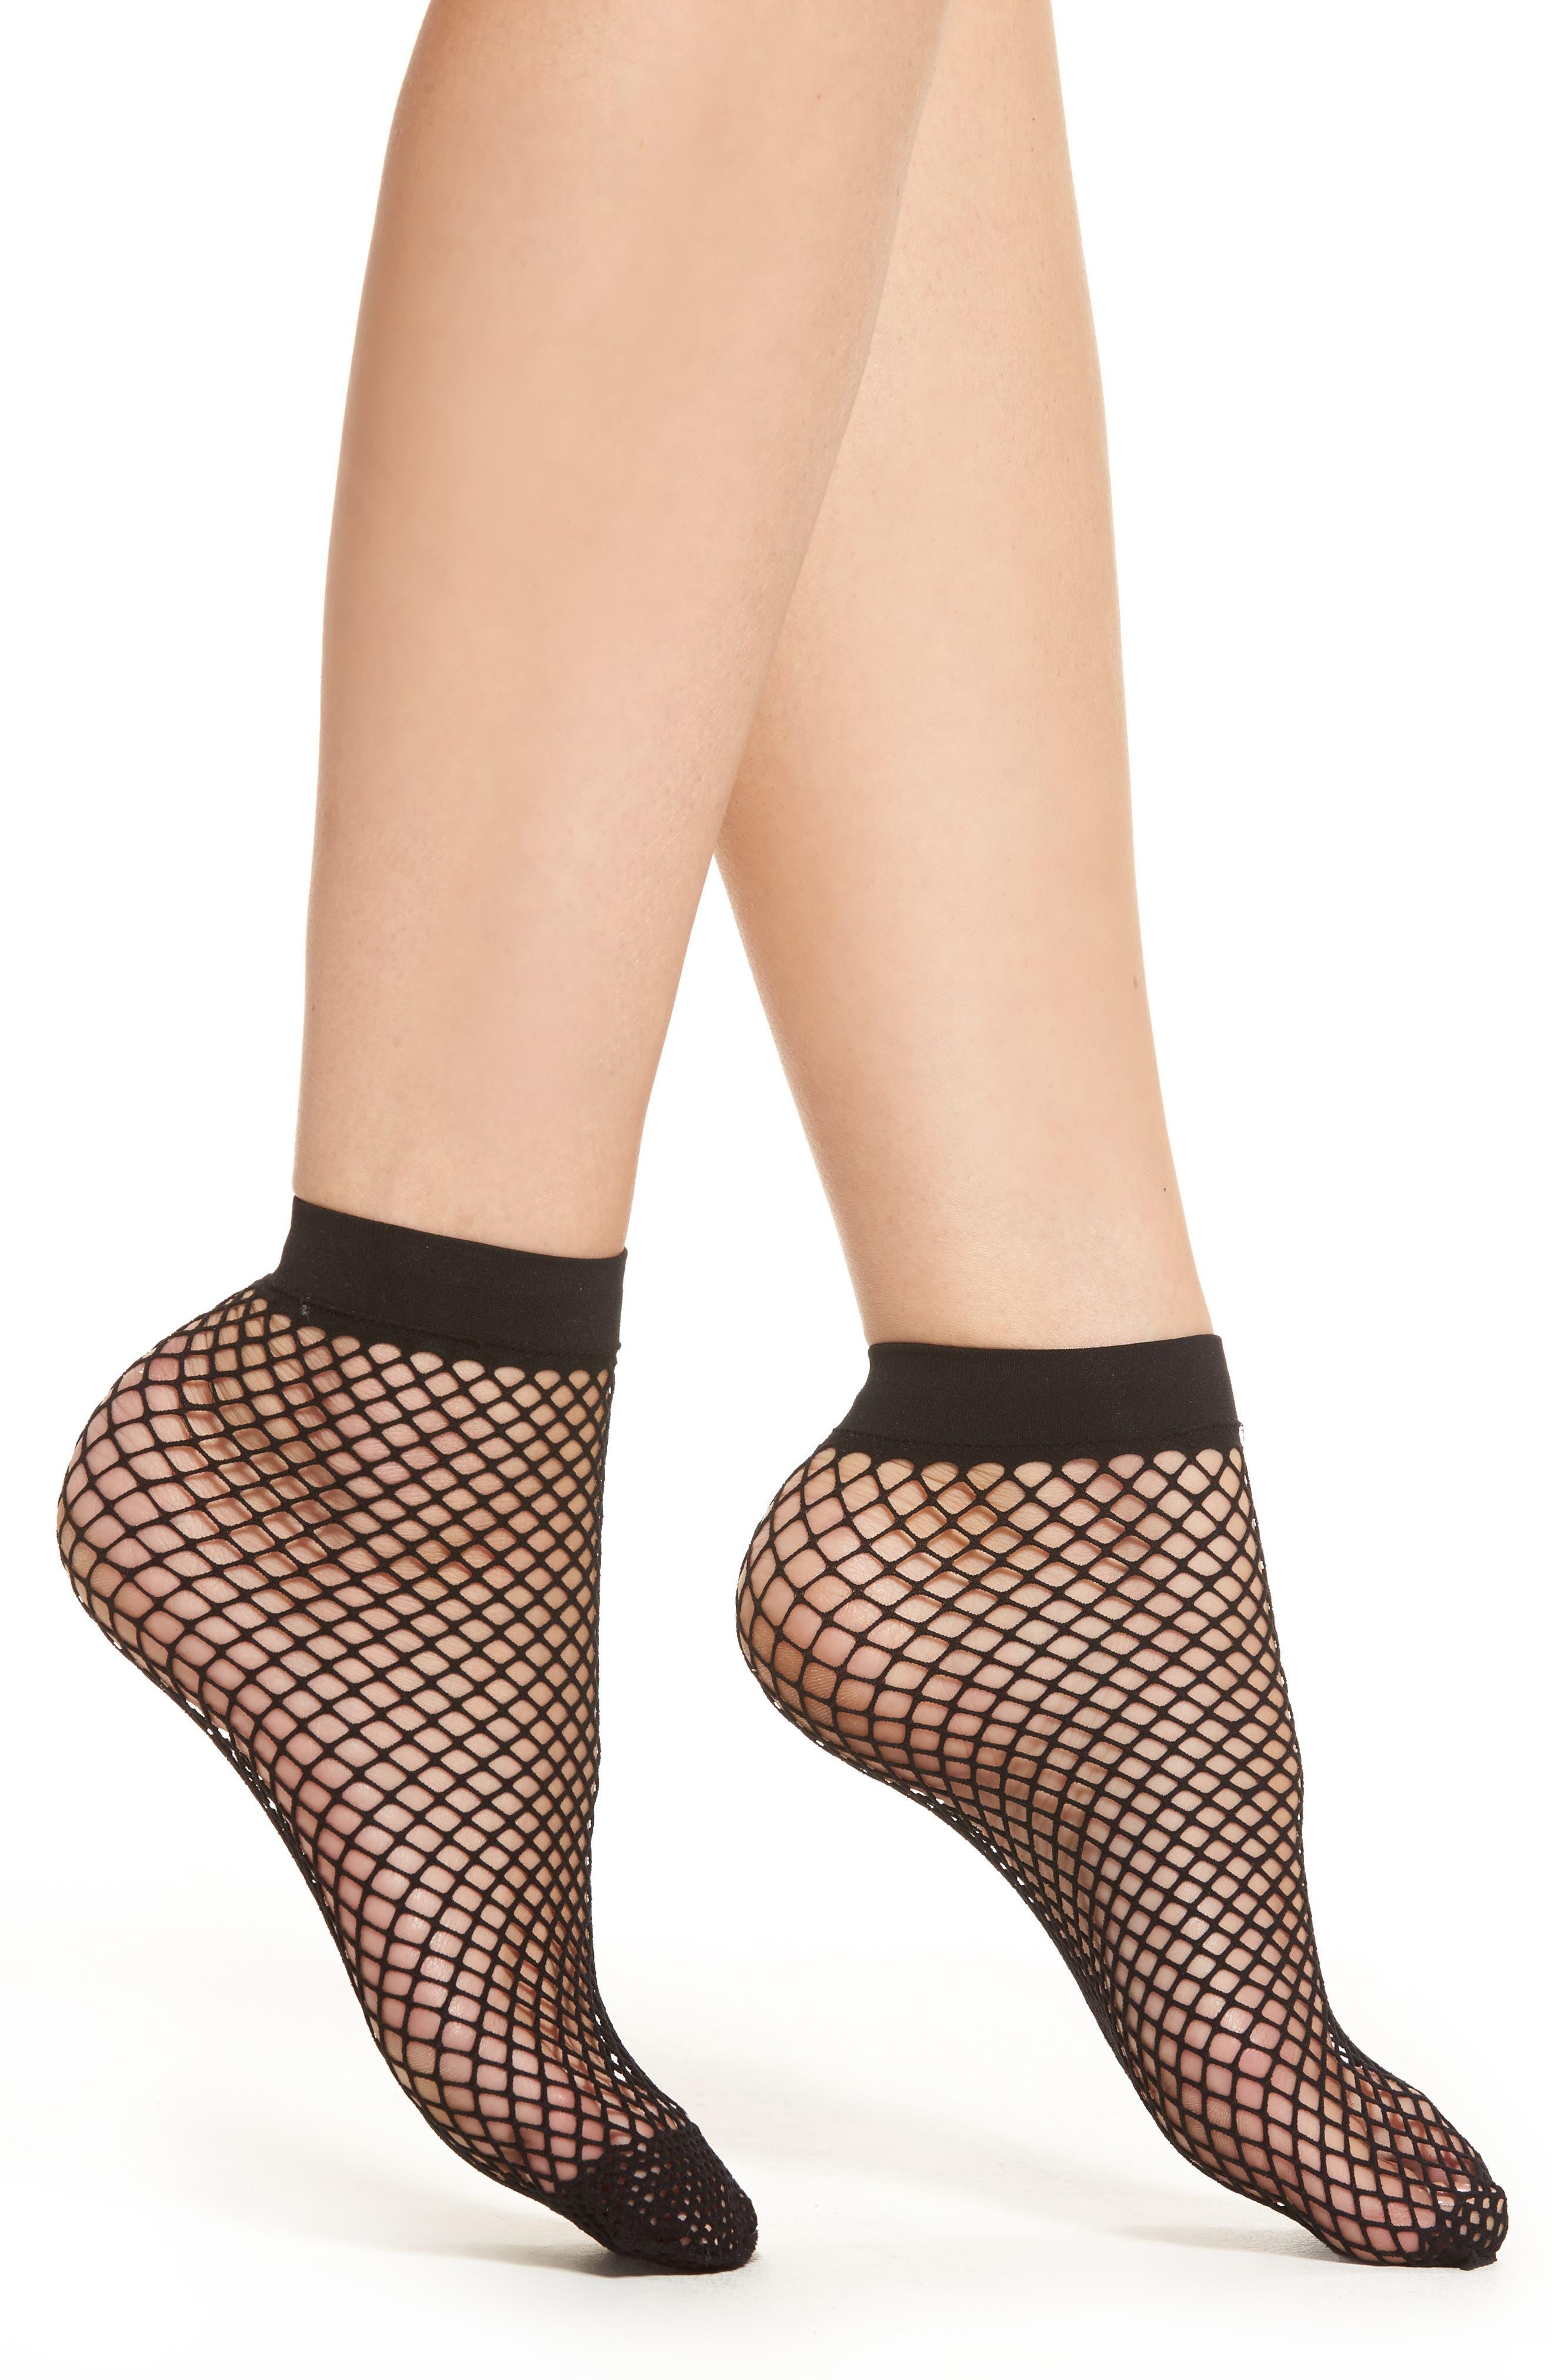 Capelli of New York Fishnet Ankle Socks